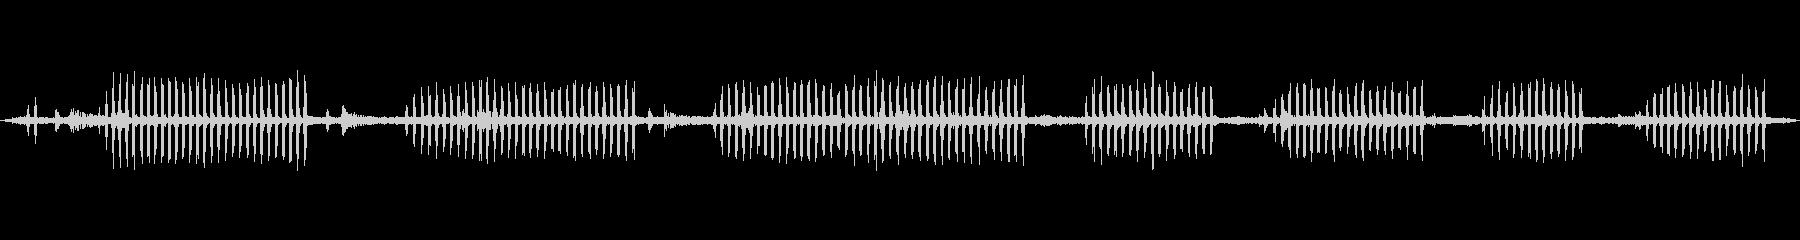 環境音 リバーデイバードコール01の未再生の波形